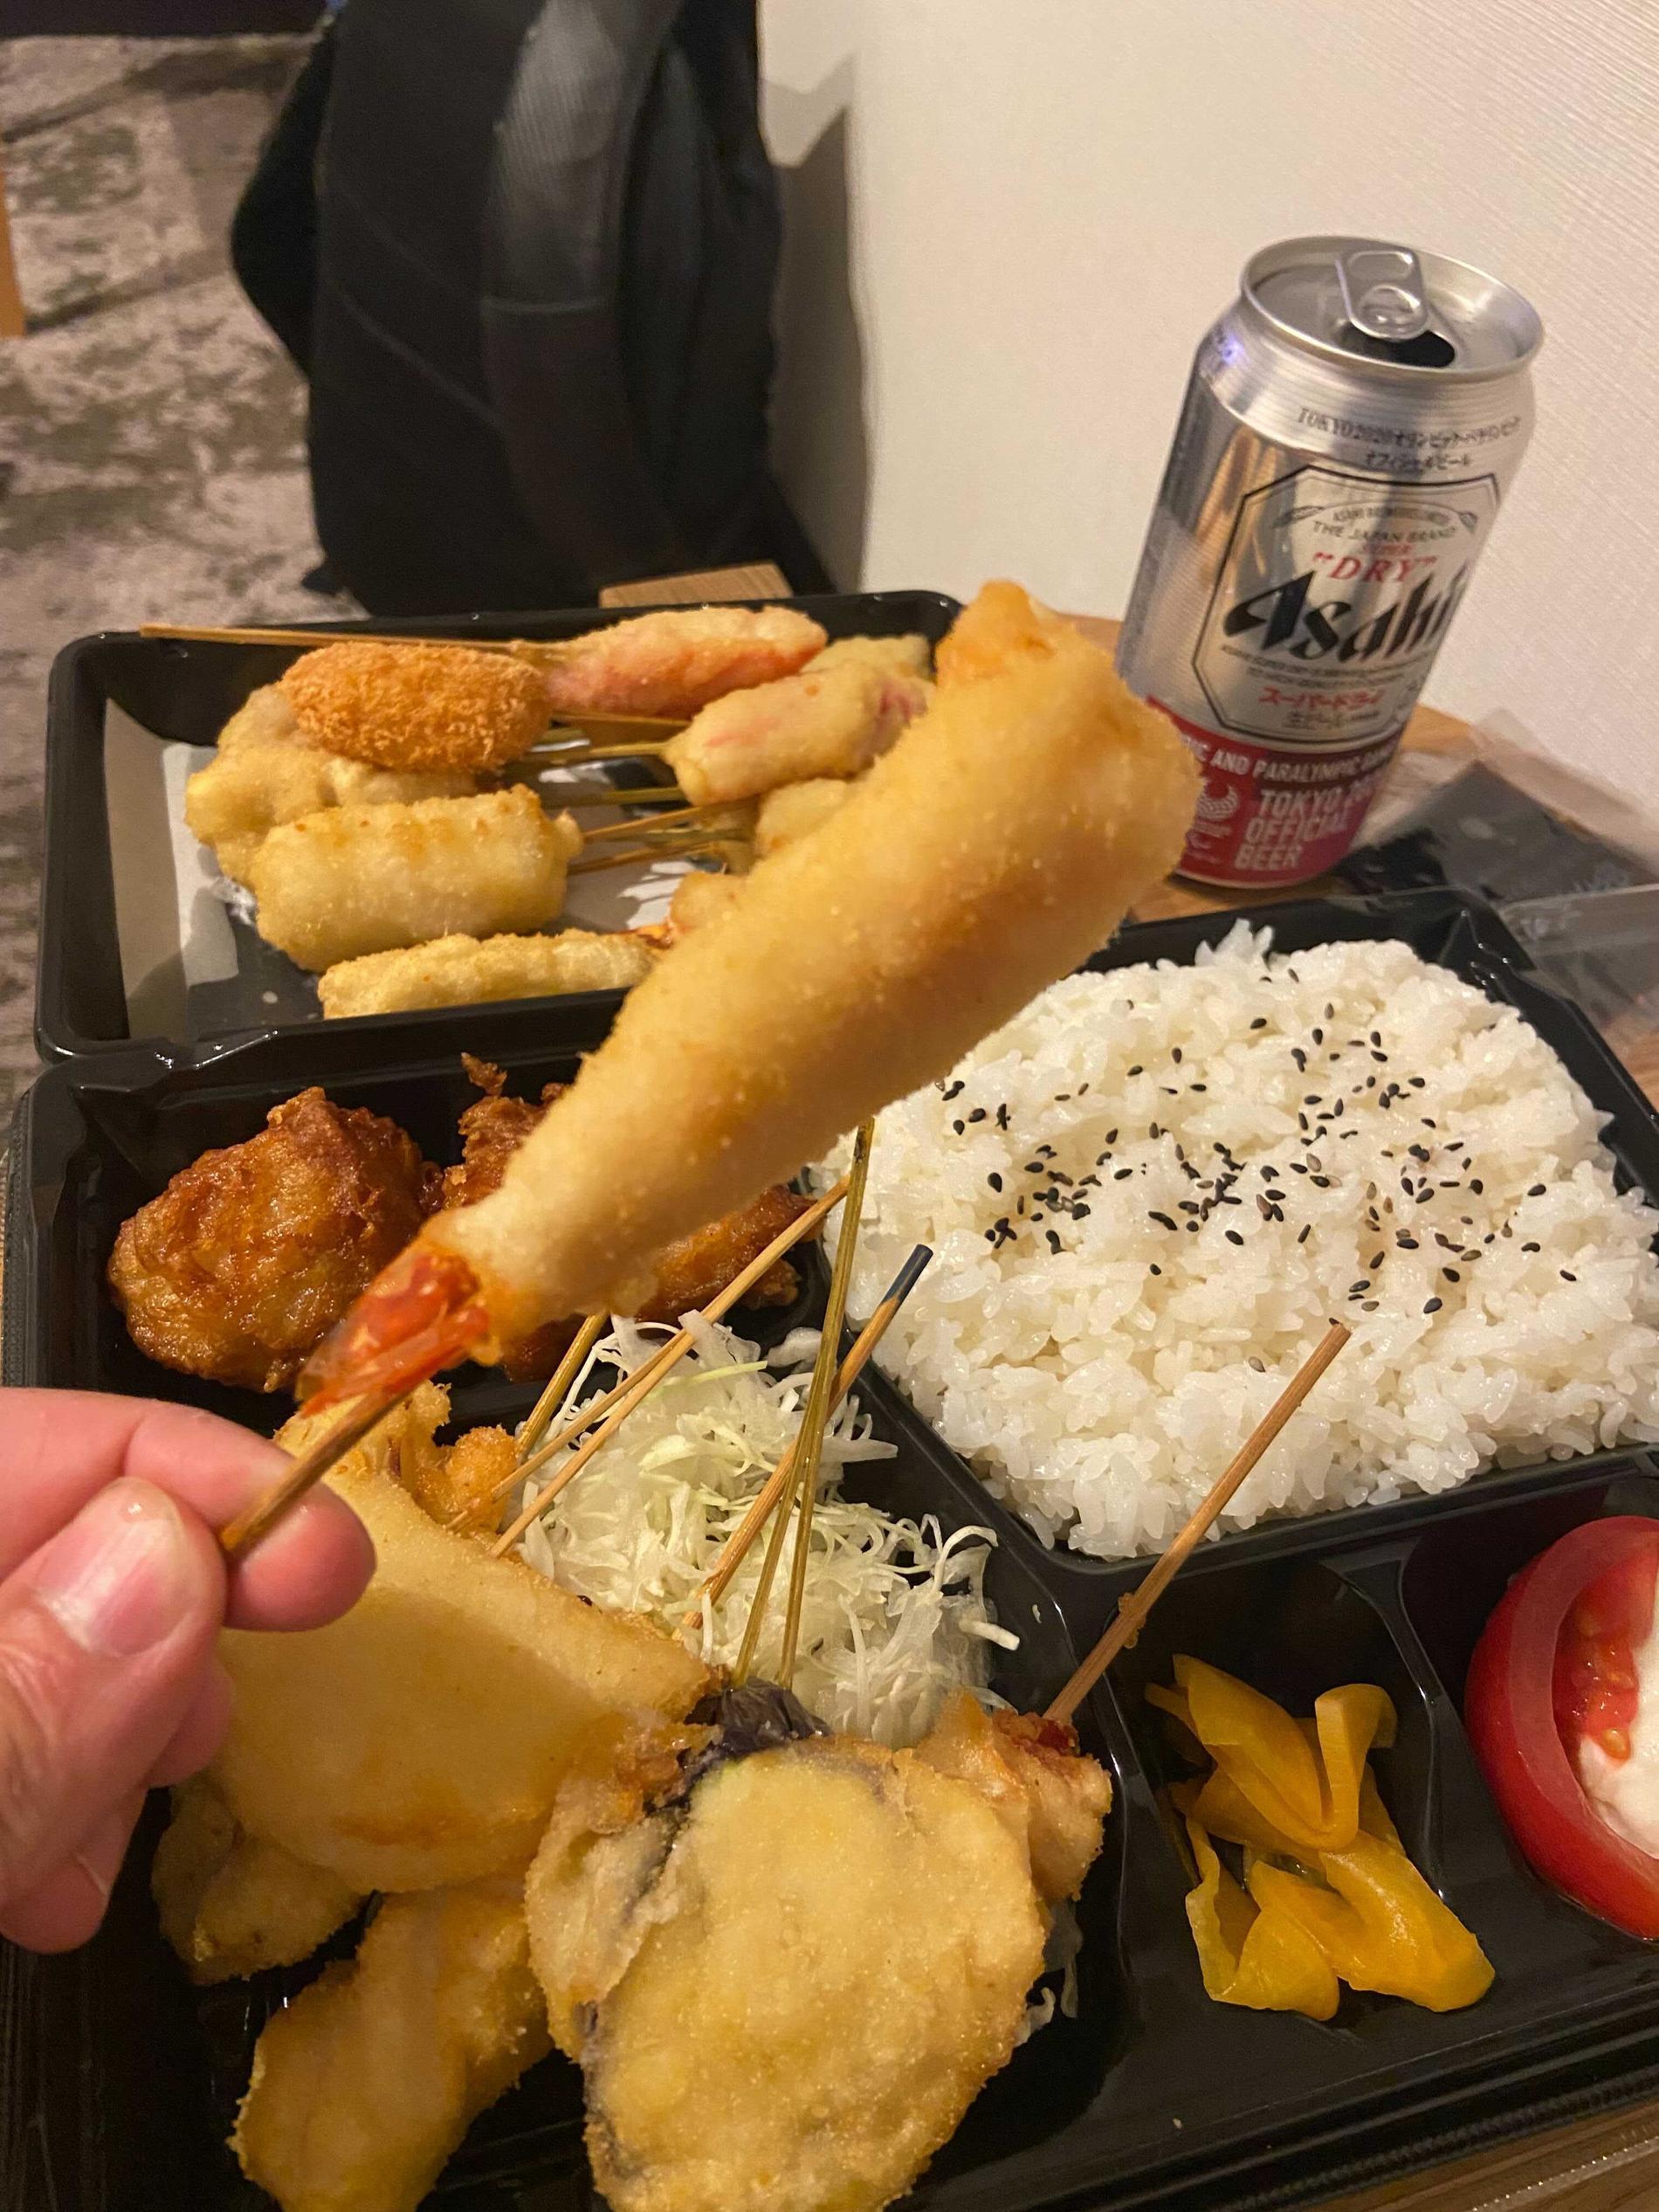 Bordtennisfinalen följdes från hotellrummet med levererad mat (vilket varit en räddare i nöden då man inte får besöka restauranger de första 14 dagarna i landet). Måndagsmenyn: Kushikatsu. Kort sammanfattat, panerade saker på pinnar.